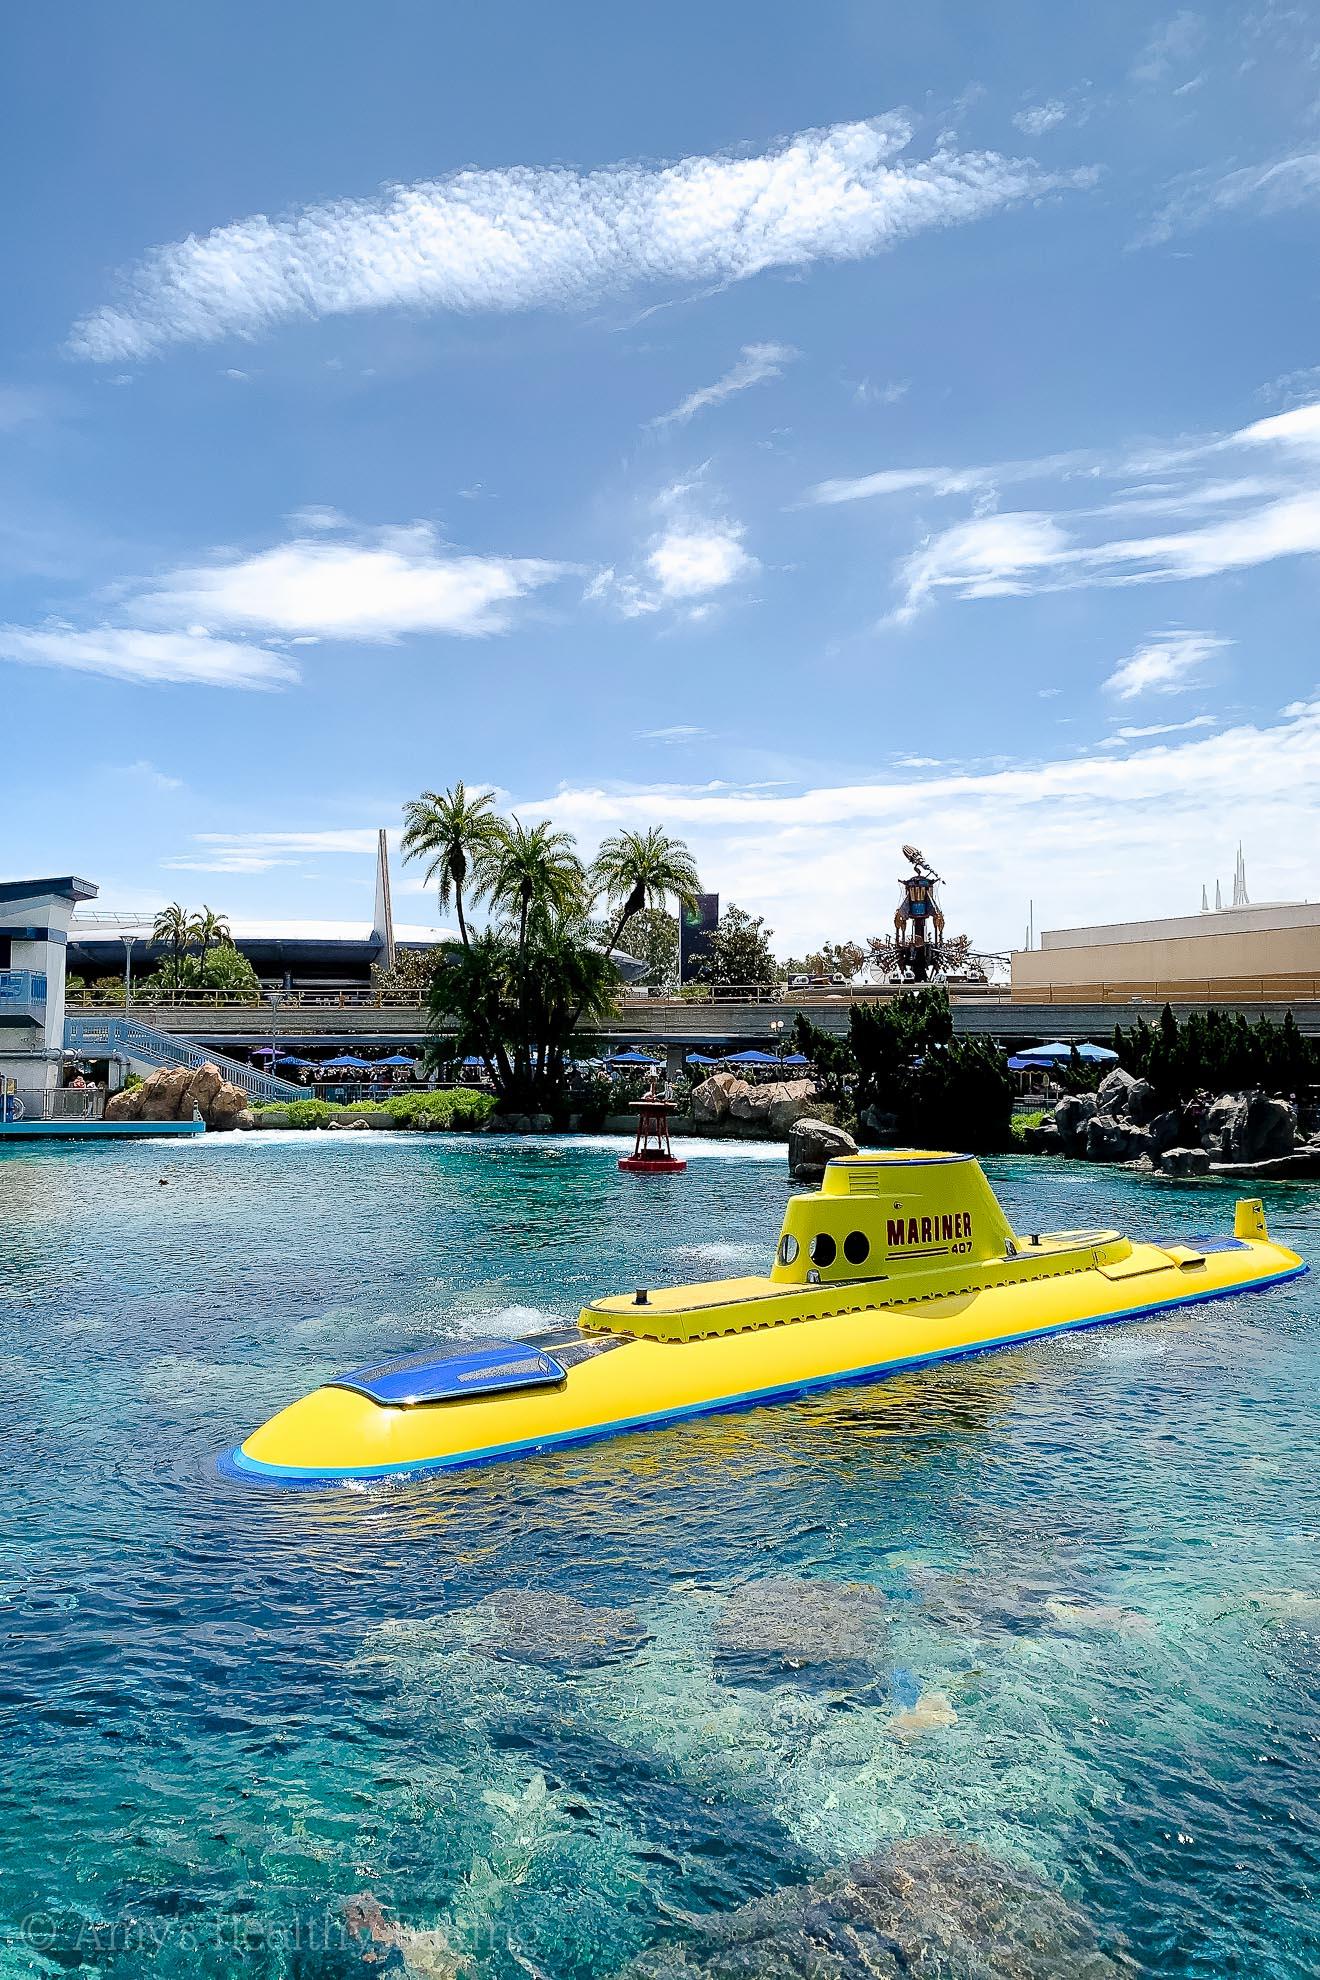 Finding Nemo's submarine ride in Disneyland - Anaheim